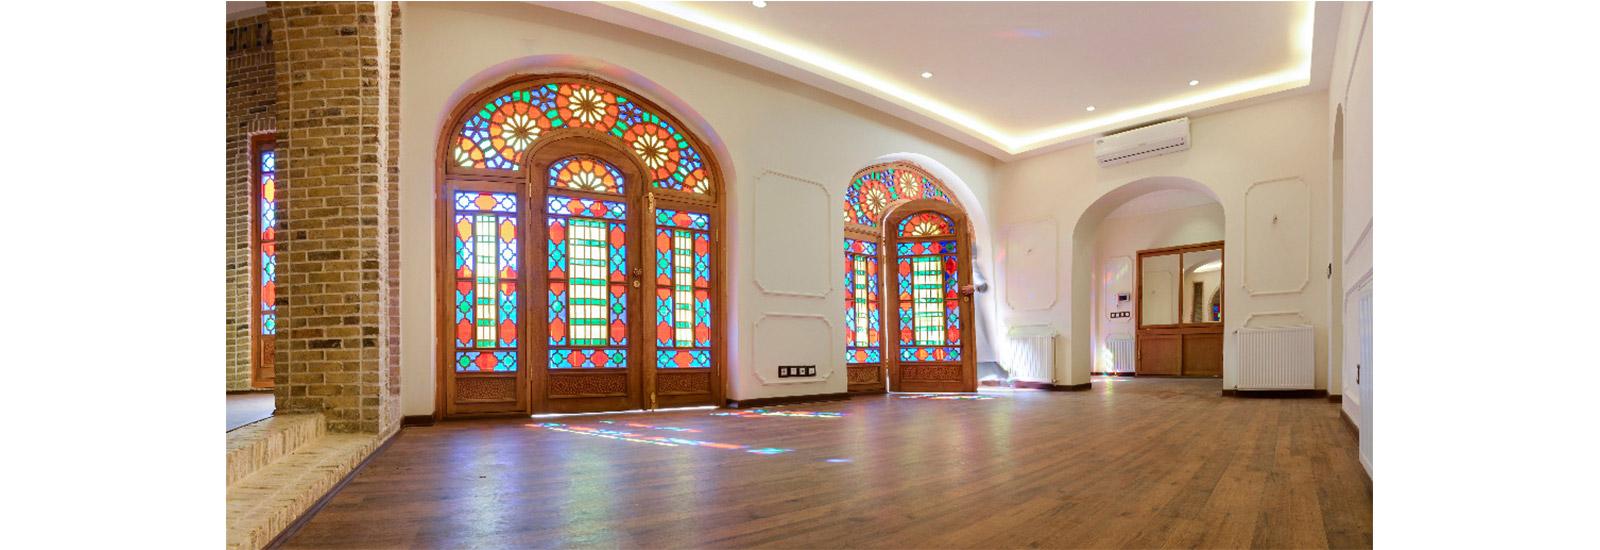 پنجره قواره بری با شیشه رنگی و چوبی ارسی و پروژه شخصی خیابان چمران مشهد- ایران